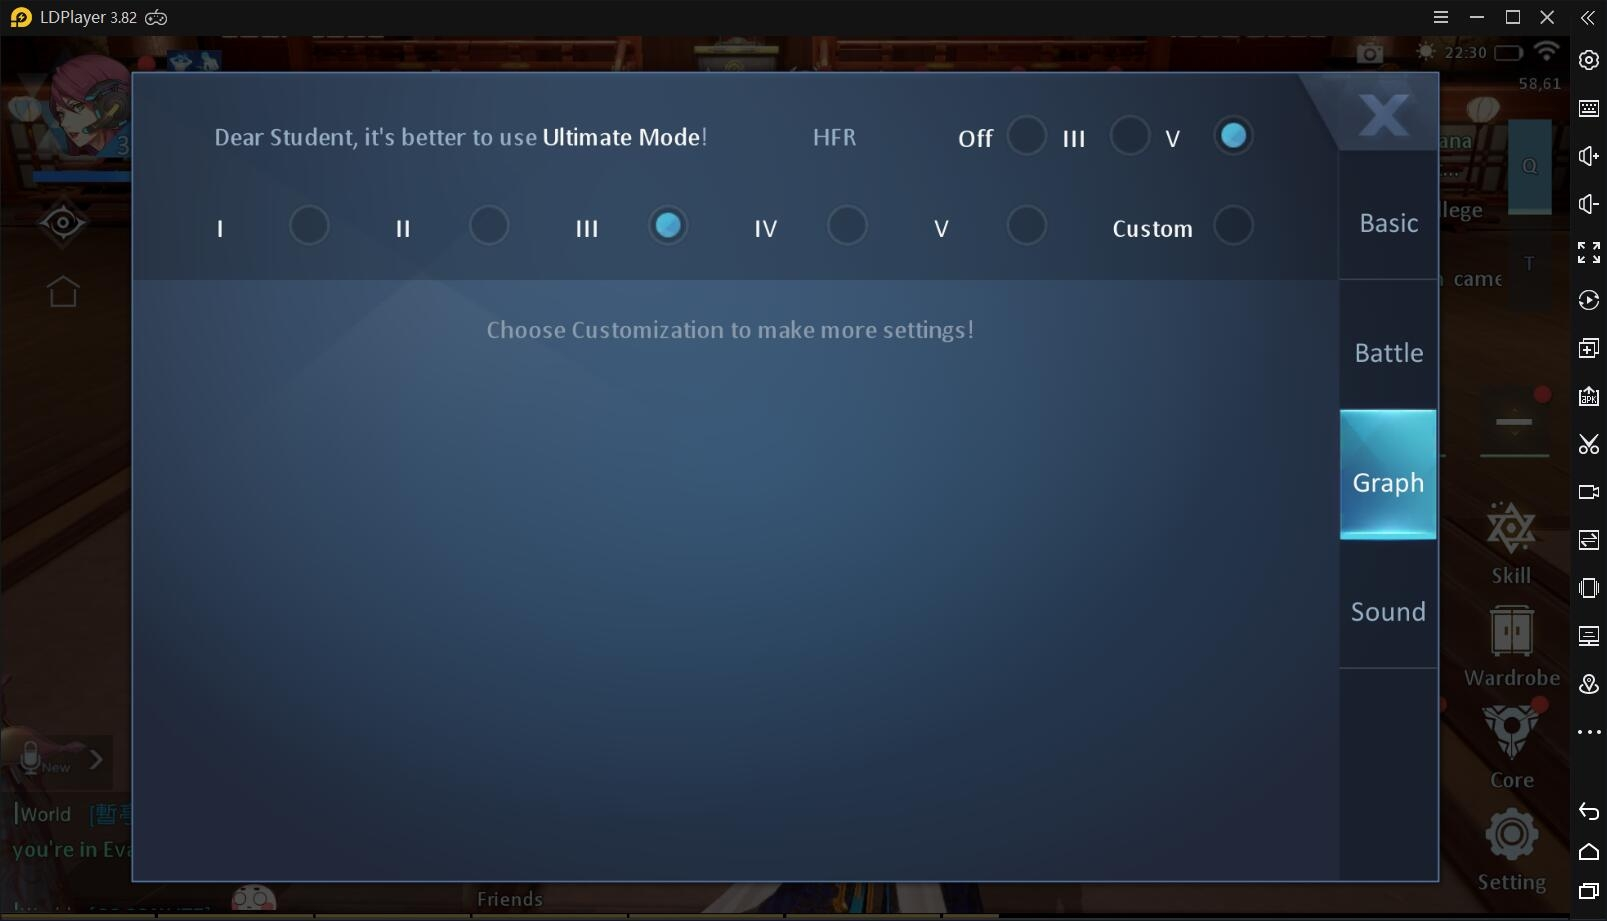 Dragon Raja no PC: Melhores configurações de emulador (60FPS)